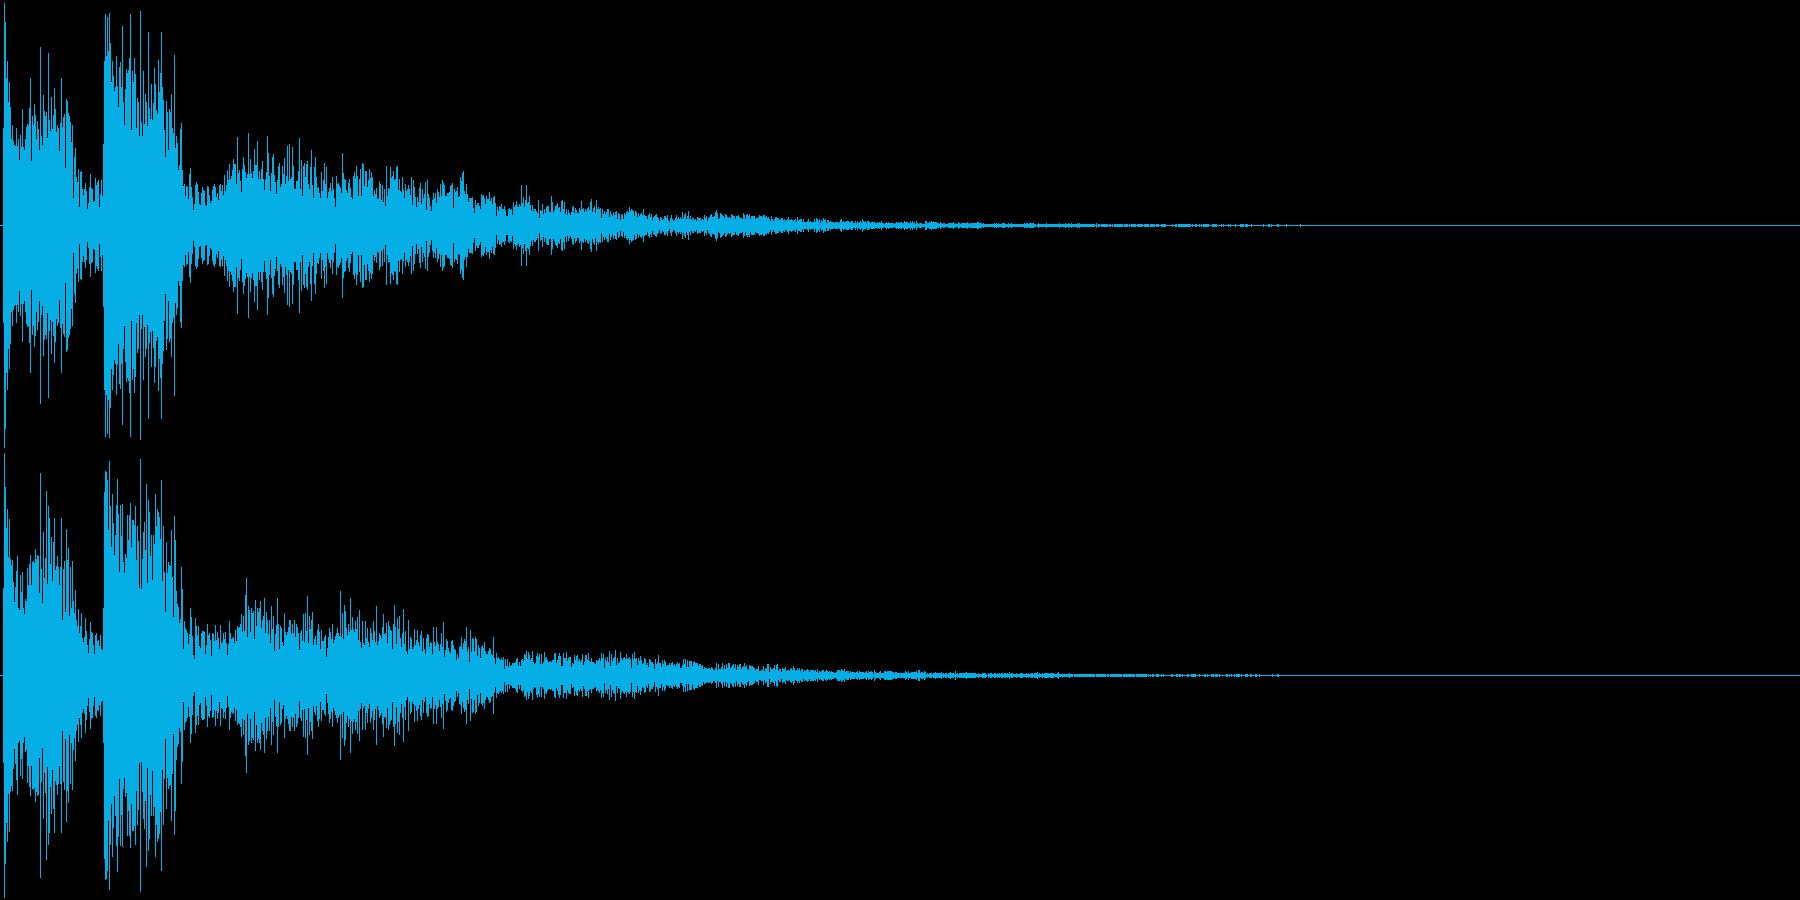 ピュピュン(決定音、アプリ、ゲーム等に)の再生済みの波形